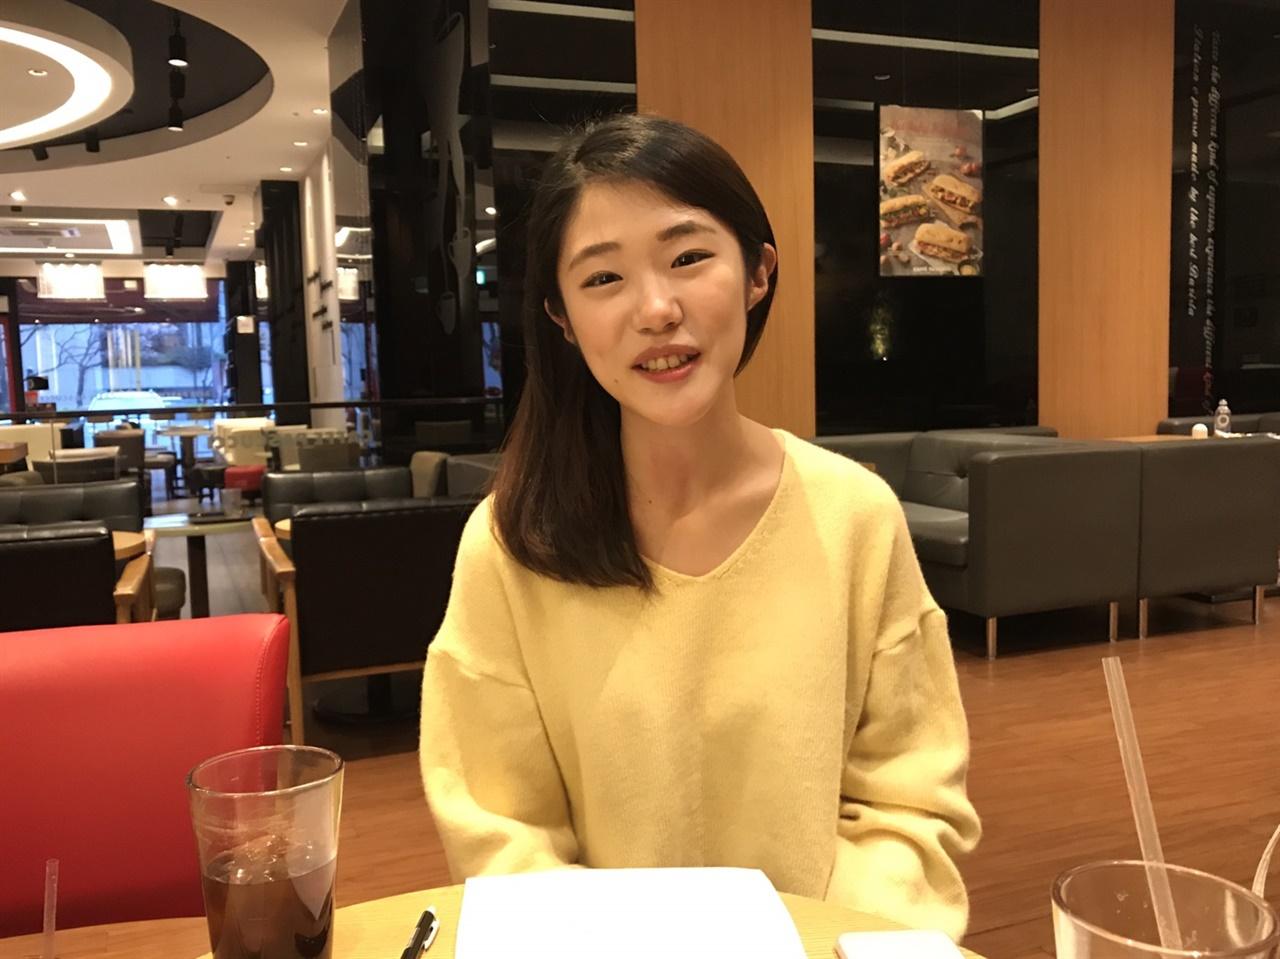 지난달 31일 서울 여의도 한 커피숍에서 만난 < BJ깨시딩 >의 전민영씨